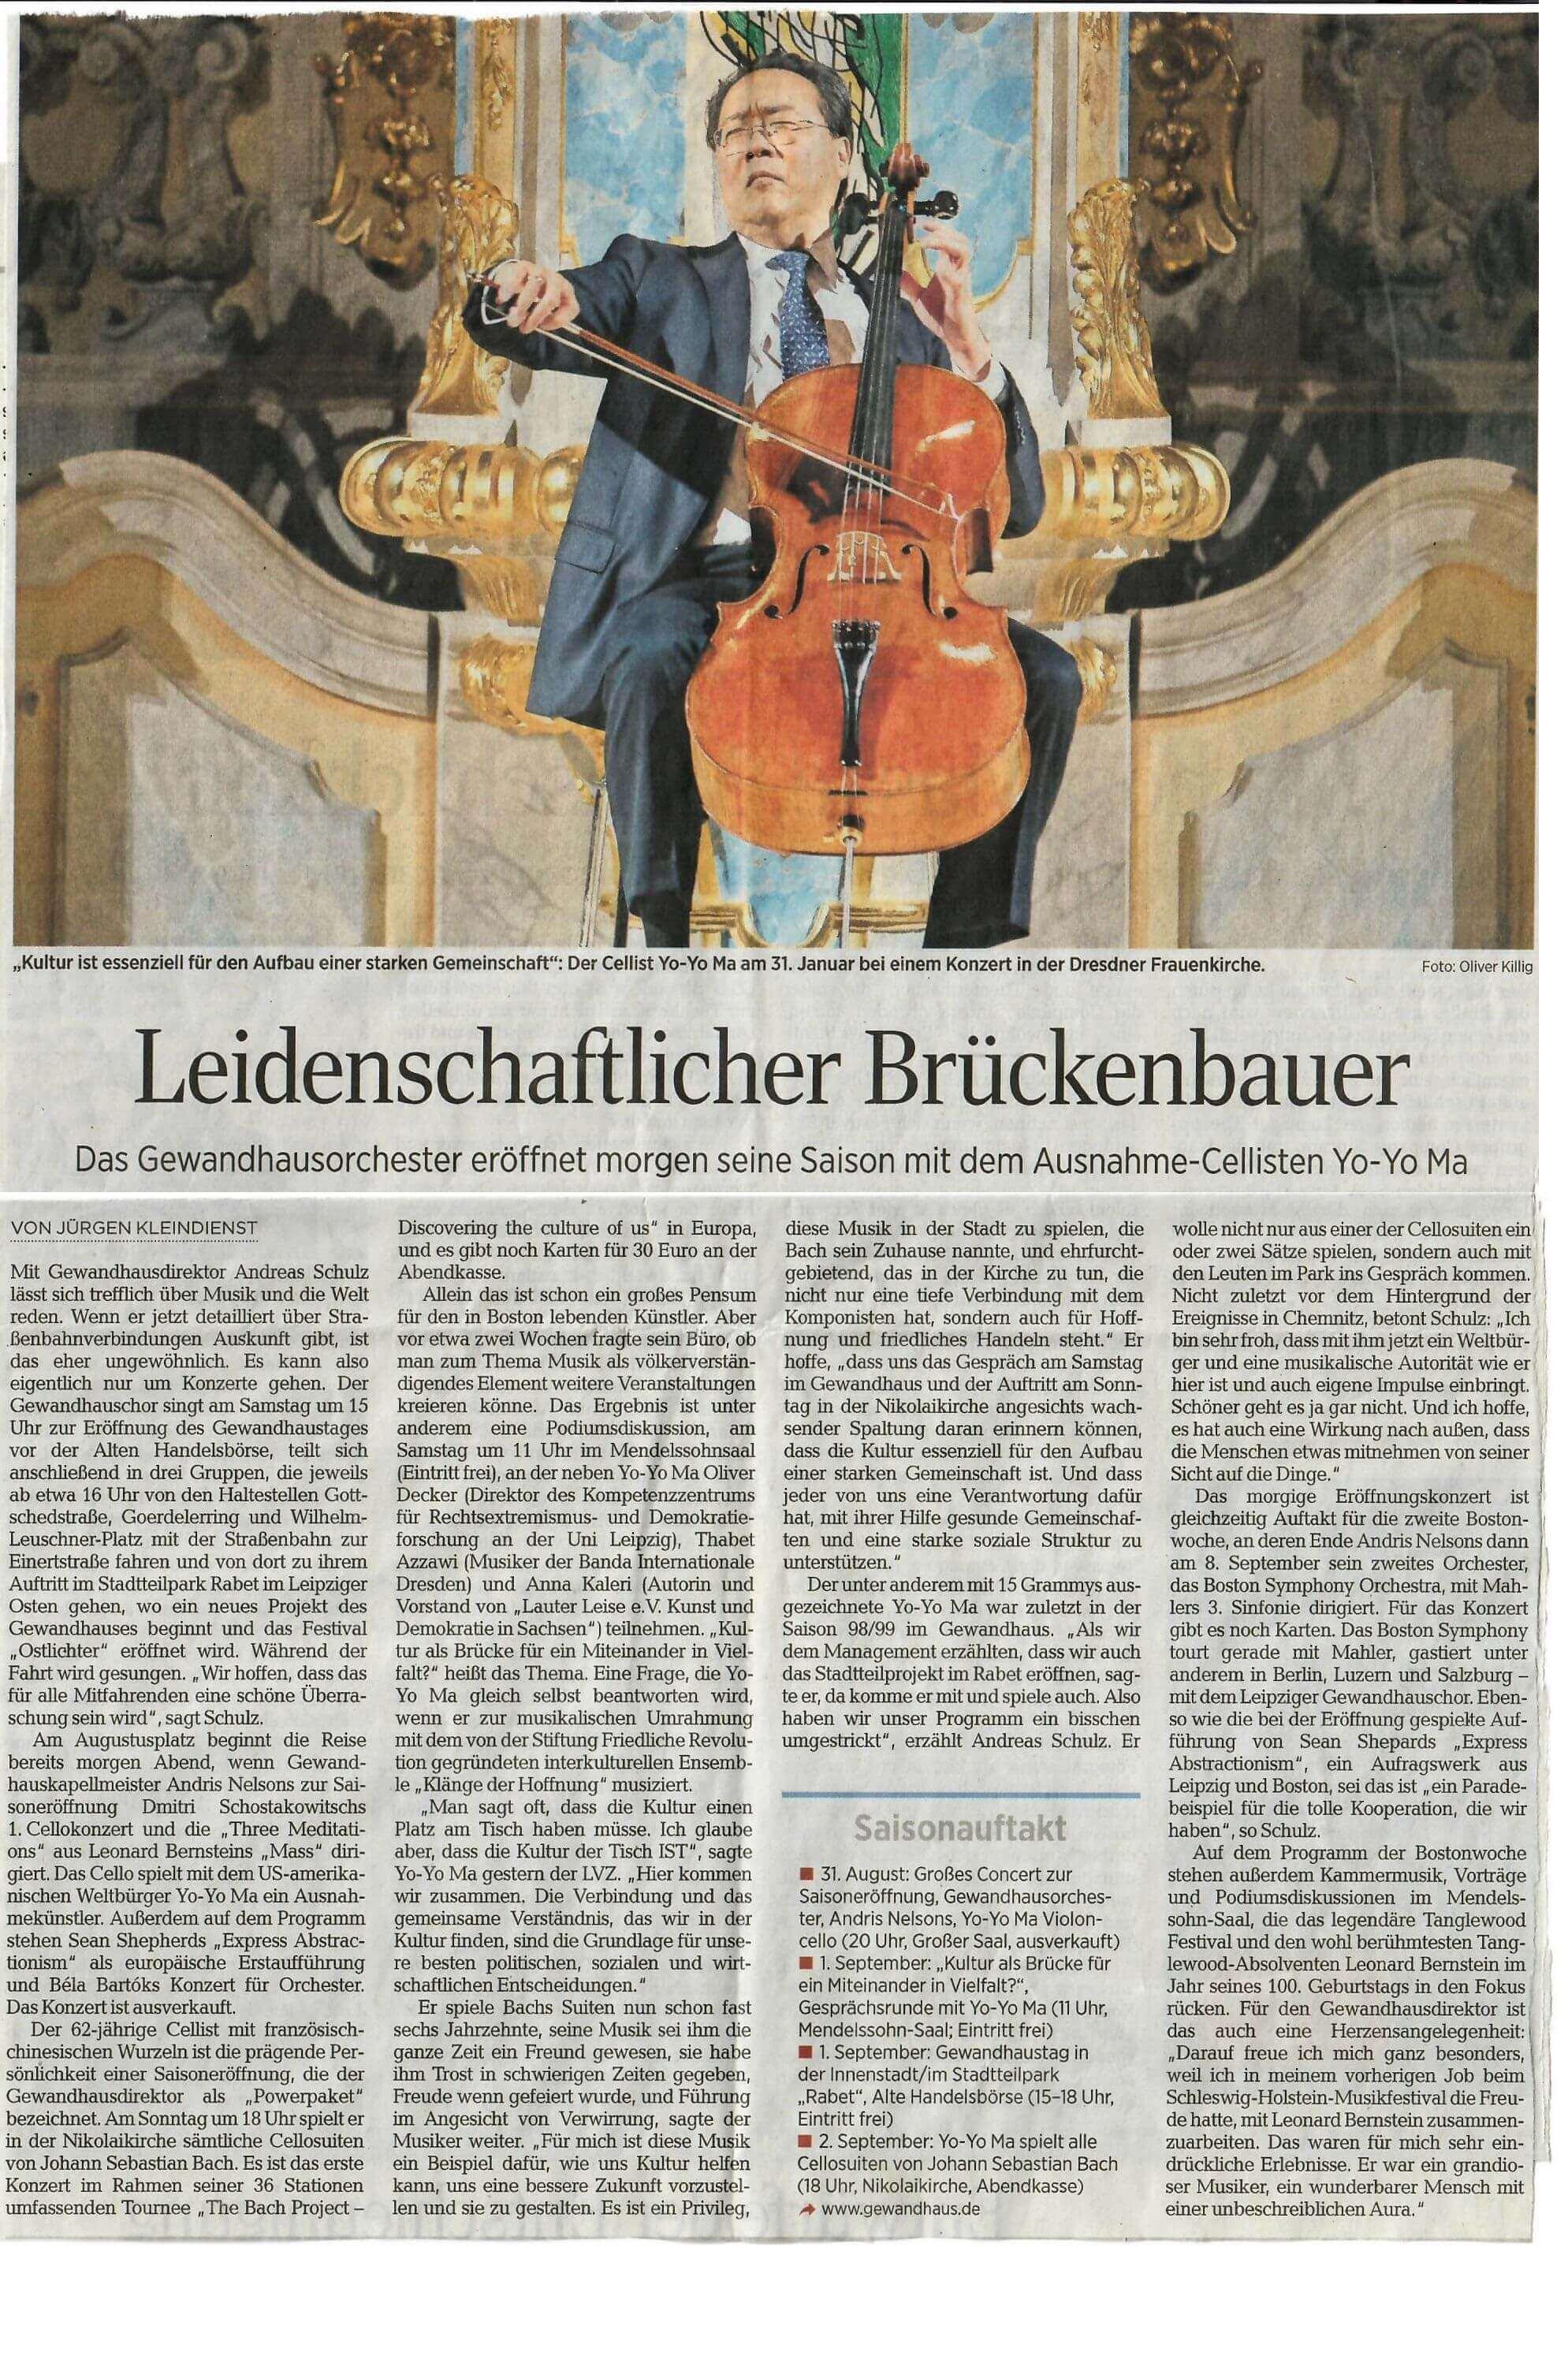 Leidenschaftlicher Brückenbauer LVZ,Seite9.30.08.18.